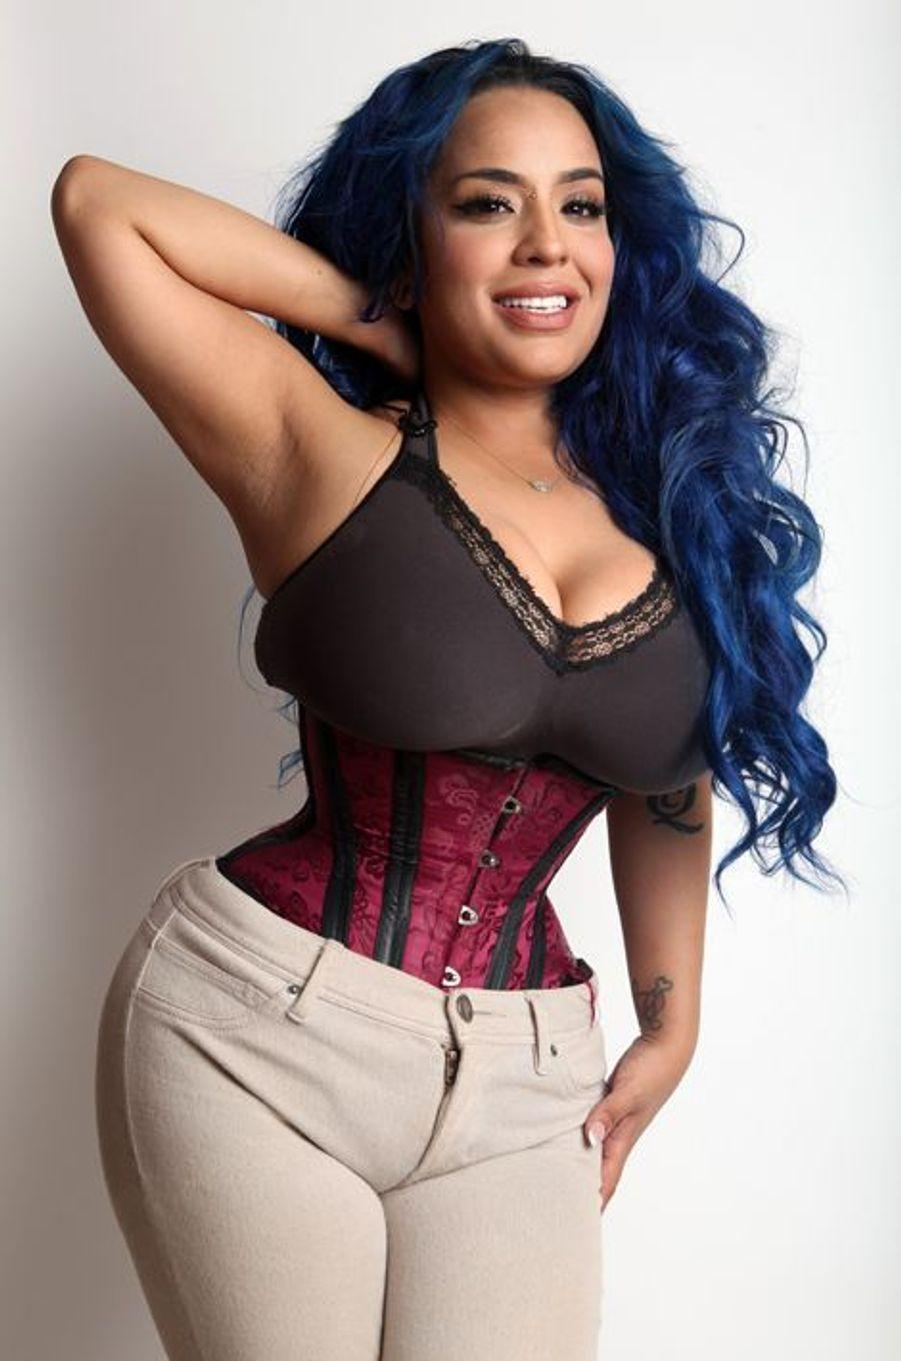 Kelly a une taille de 38 centimètres, obtenue par sept ans de port d'un corset